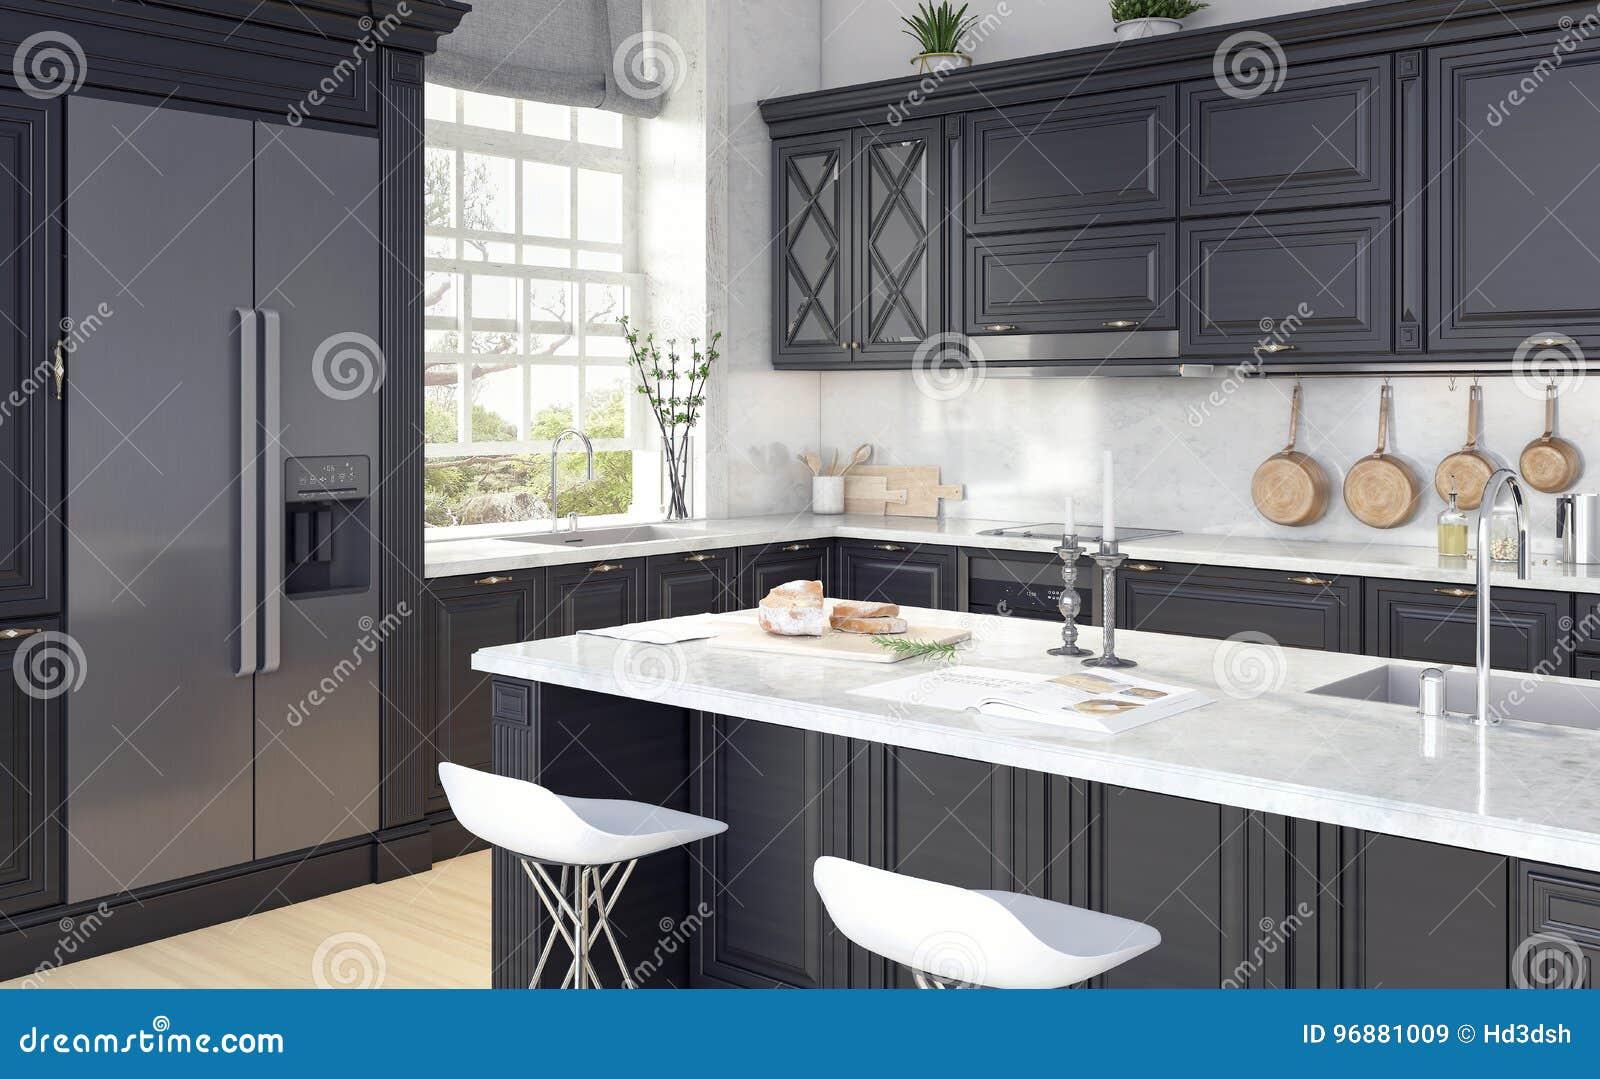 Diseño clásico de cocina